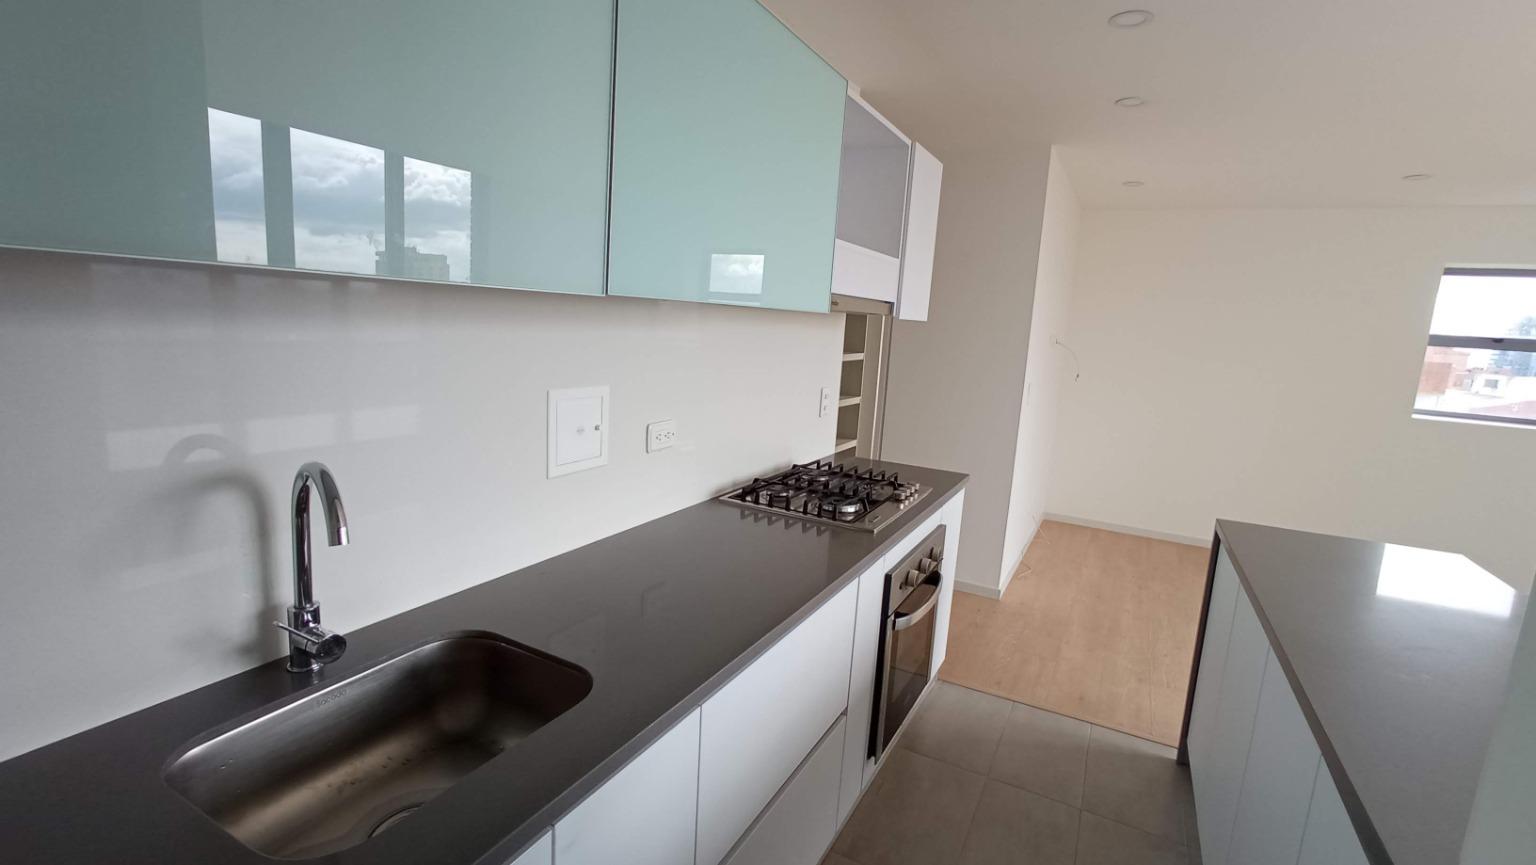 Apartamento en Bosque Calderon 14189, foto 7